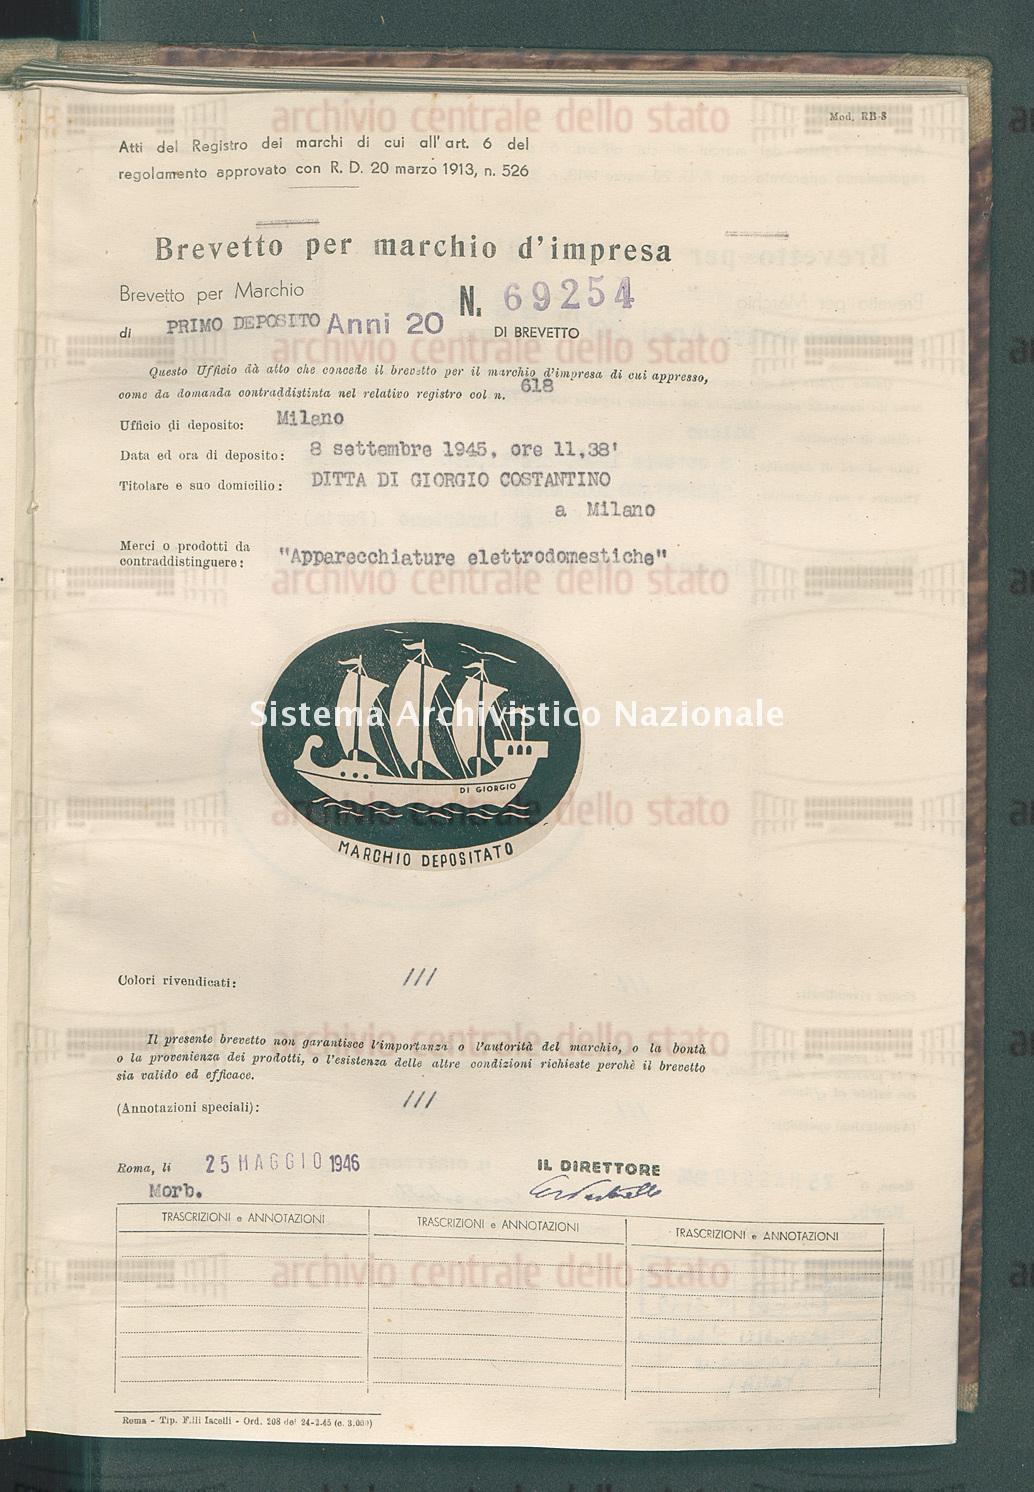 'Apparecchiature elettrodomestiche' Ditta Di Giorgio Costantino (25/05/1946)